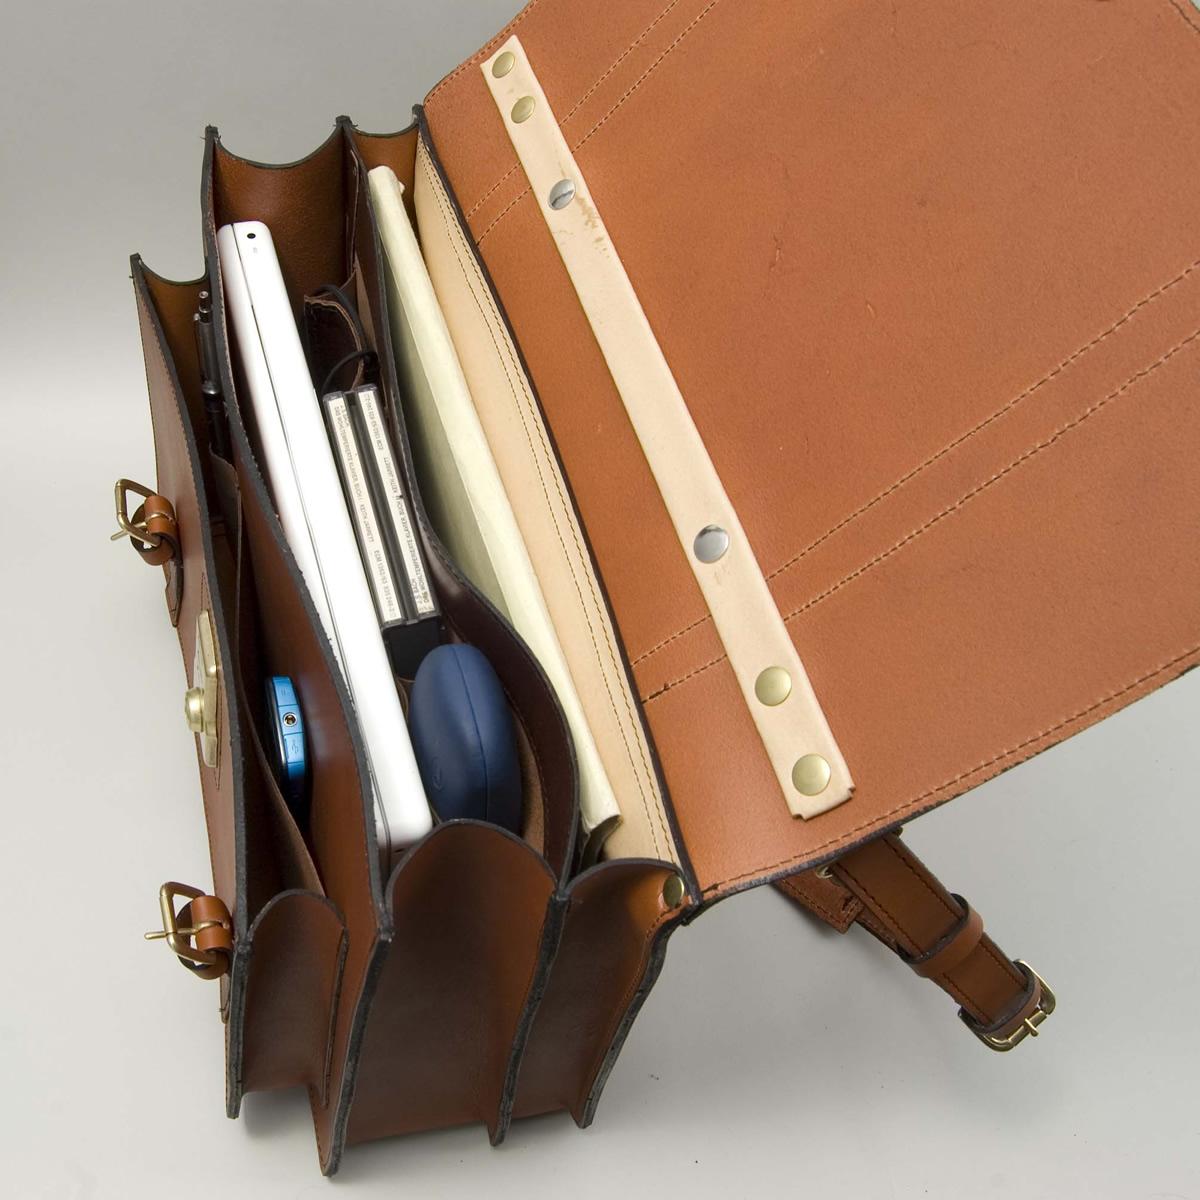 The Full Monty Briefcase - Inside Full